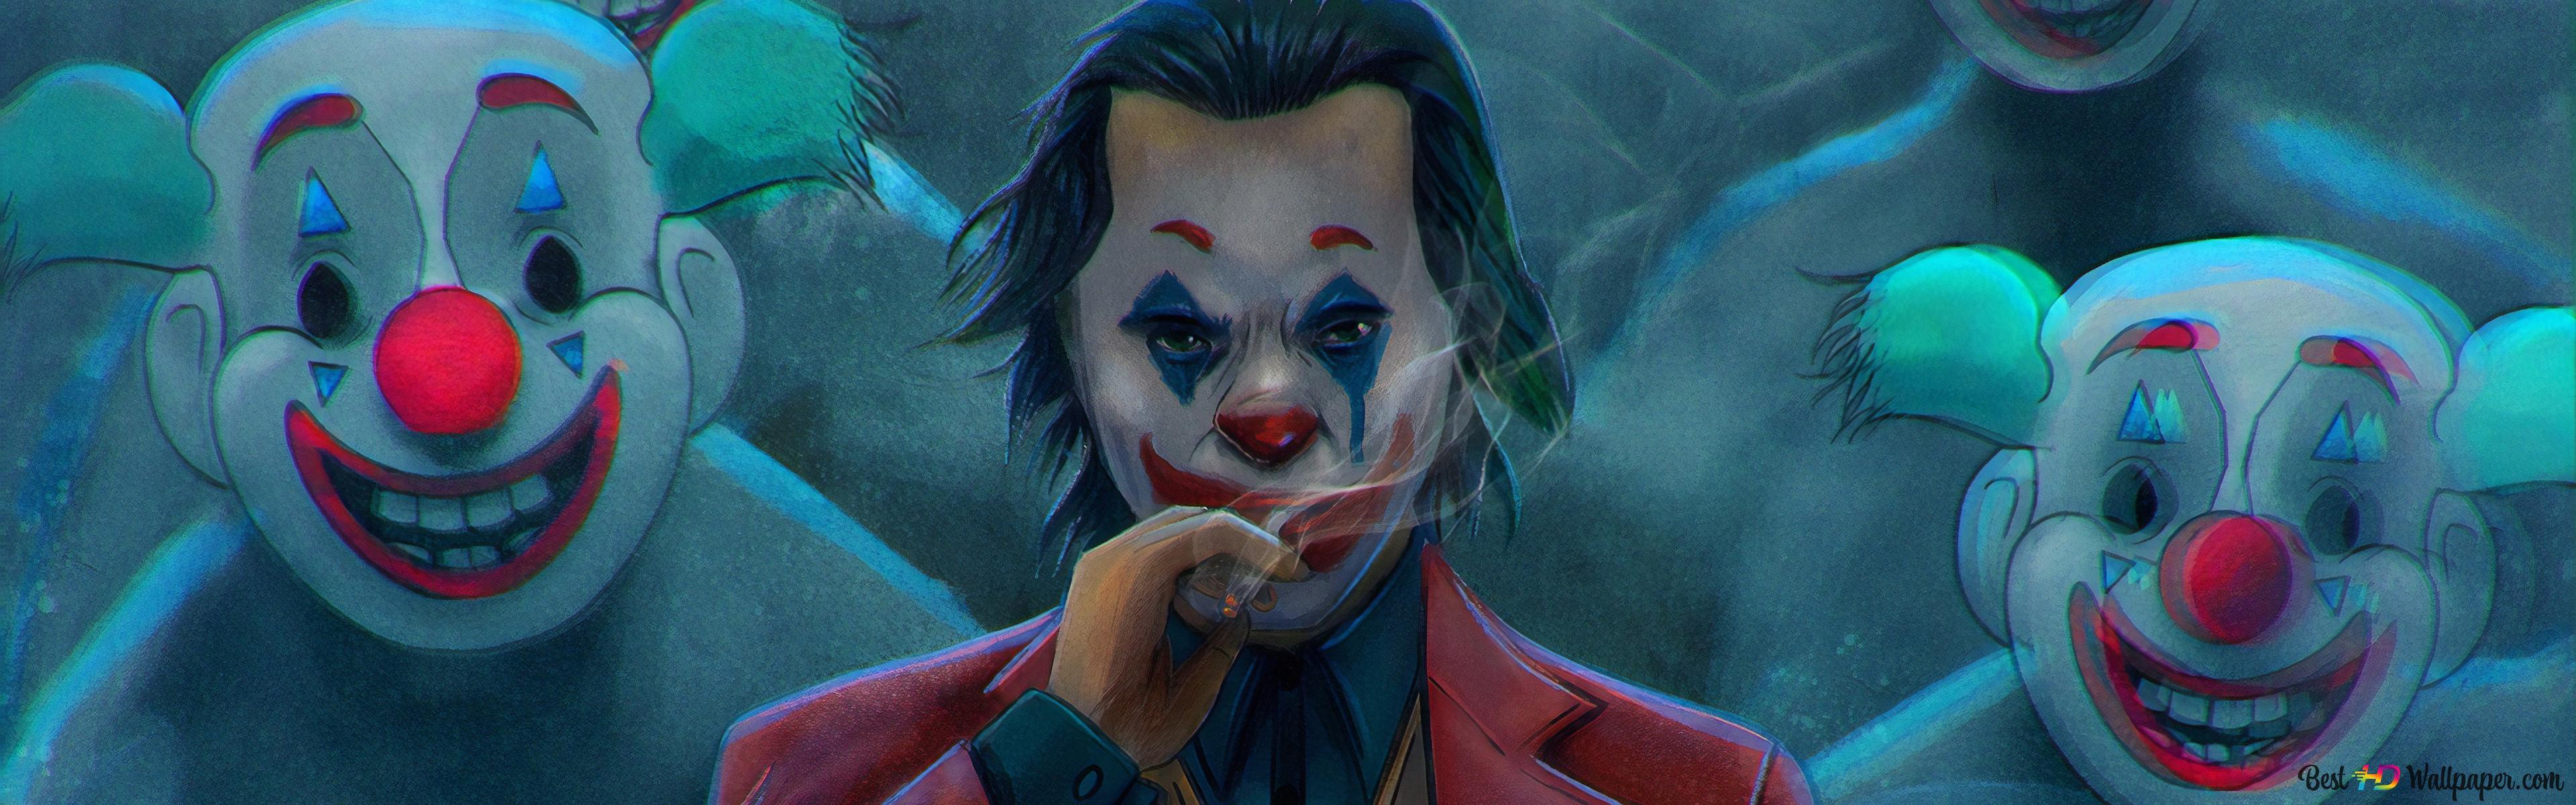 Hd Wallpaper Free Fire Joker Drawing